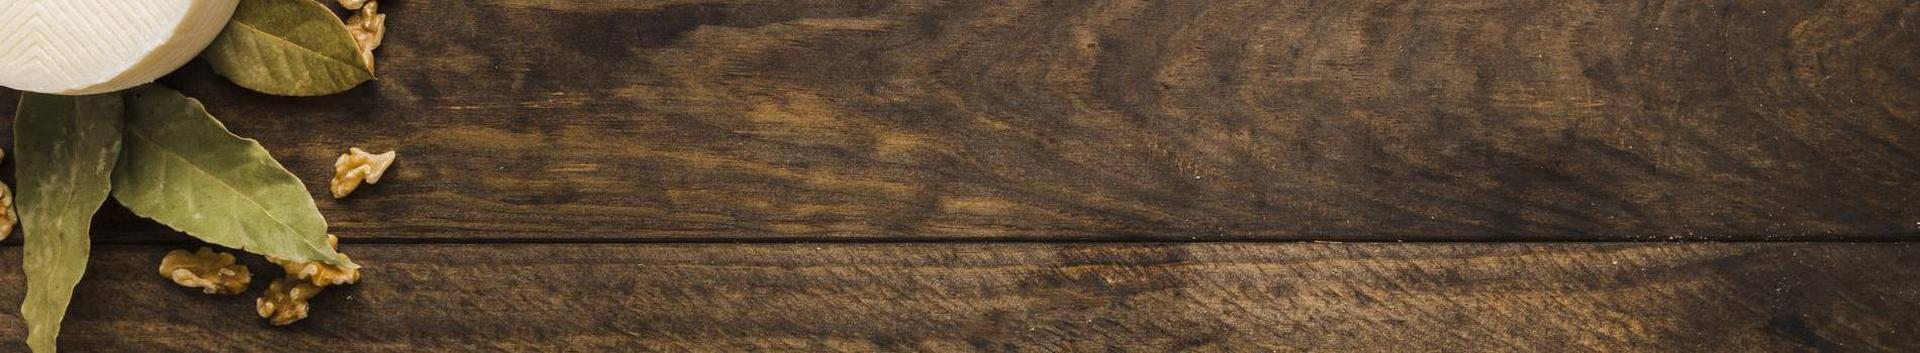 13929_muude-tekstiiltoodete-tootmine_12105567_xl.jpg